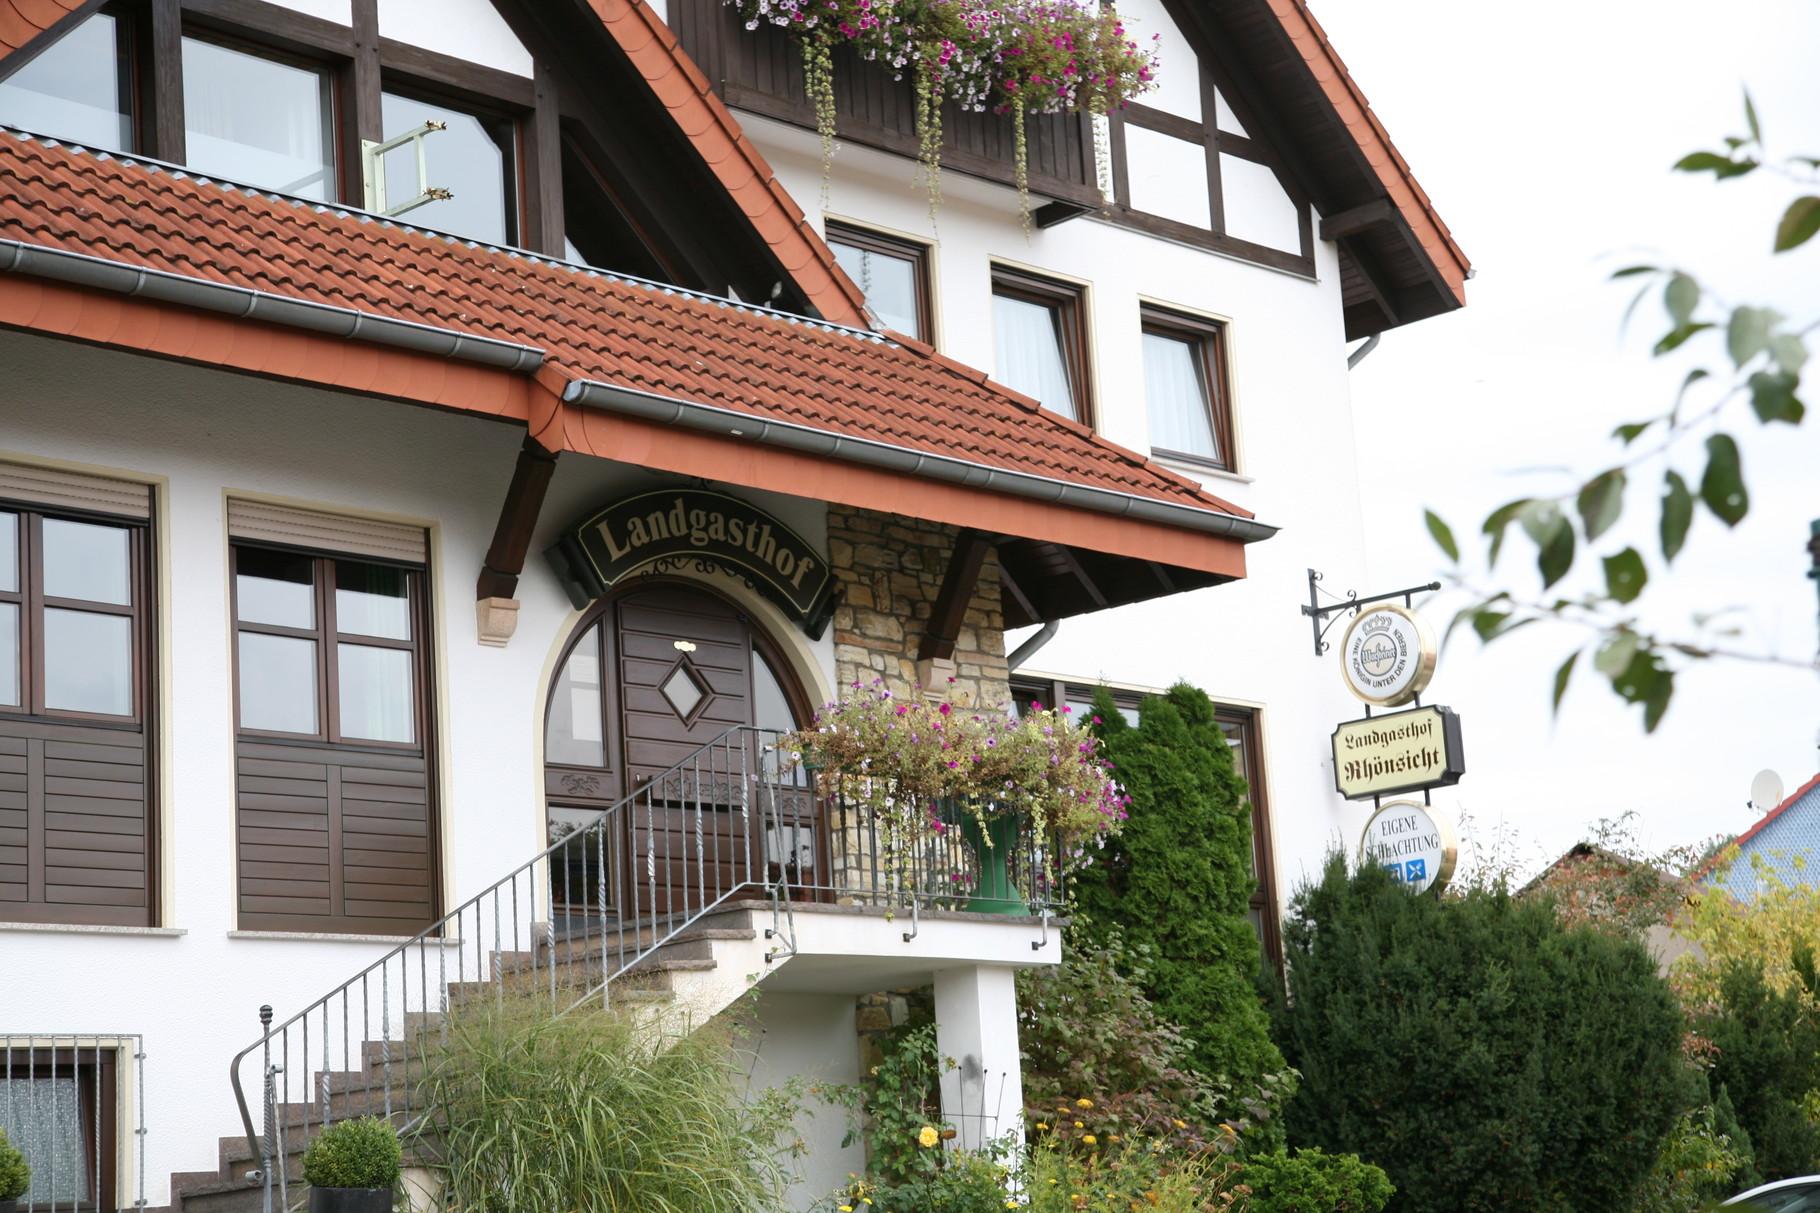 Hotel, Landgasthof, Restaurant in der Rhön